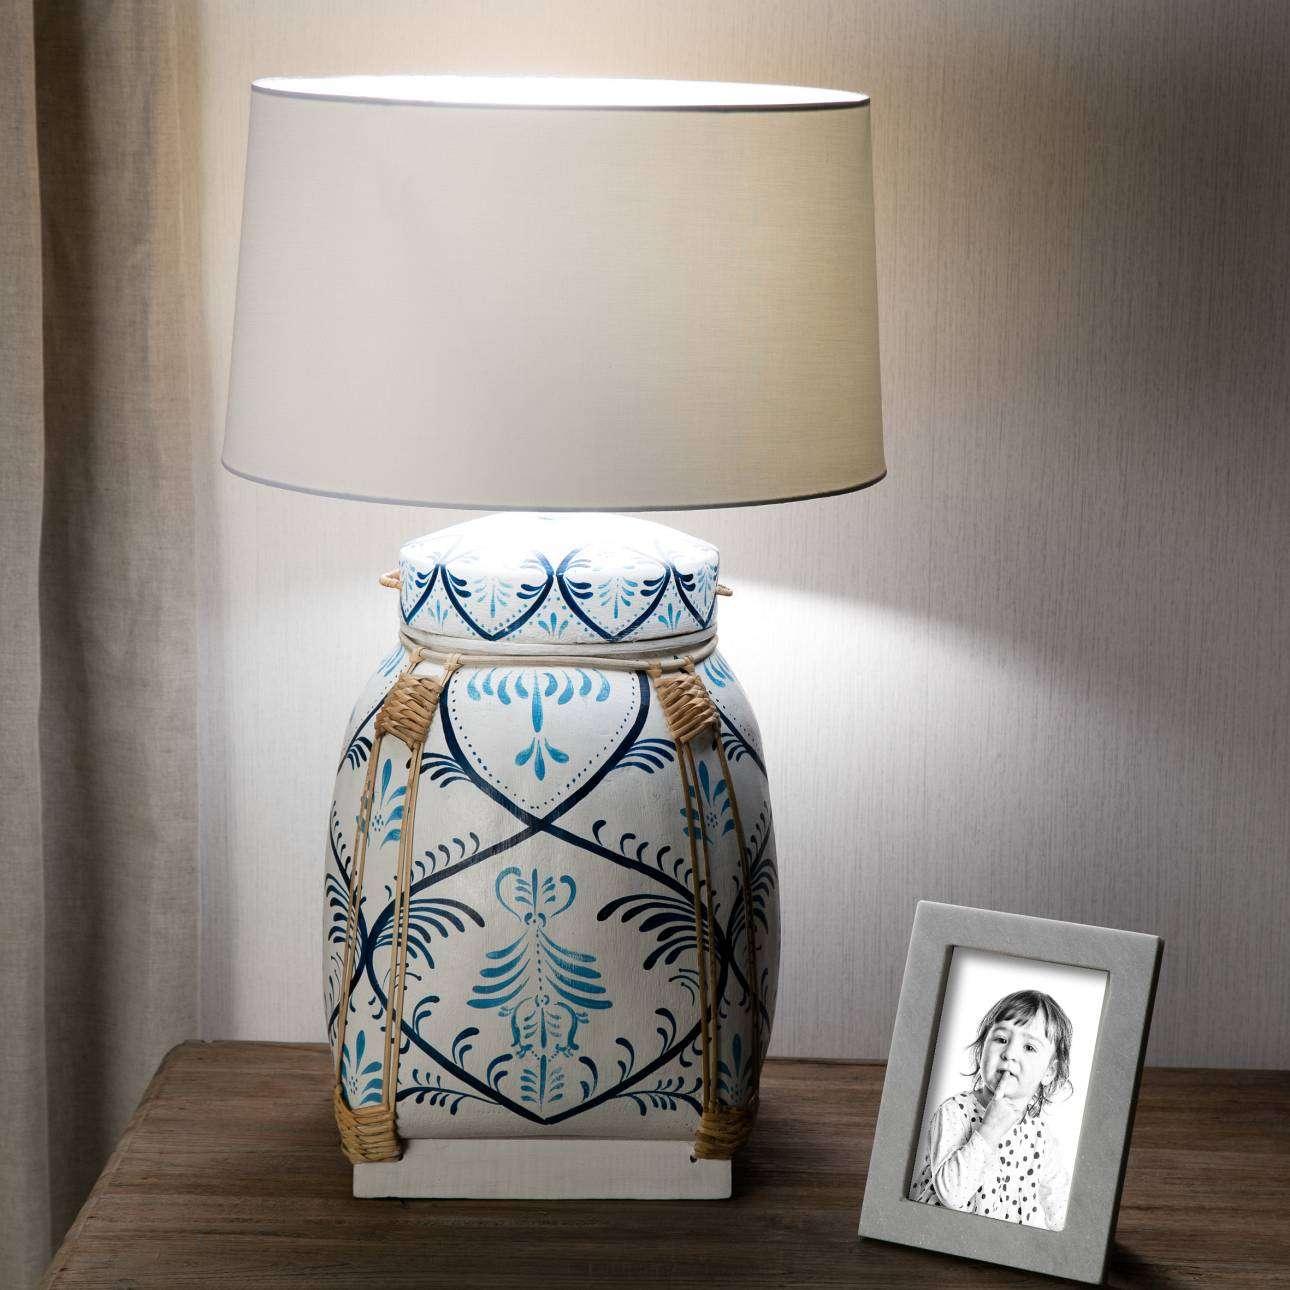 Lampa stołowa Blue Beetle Basket wys. 73cm 45x45x73cm